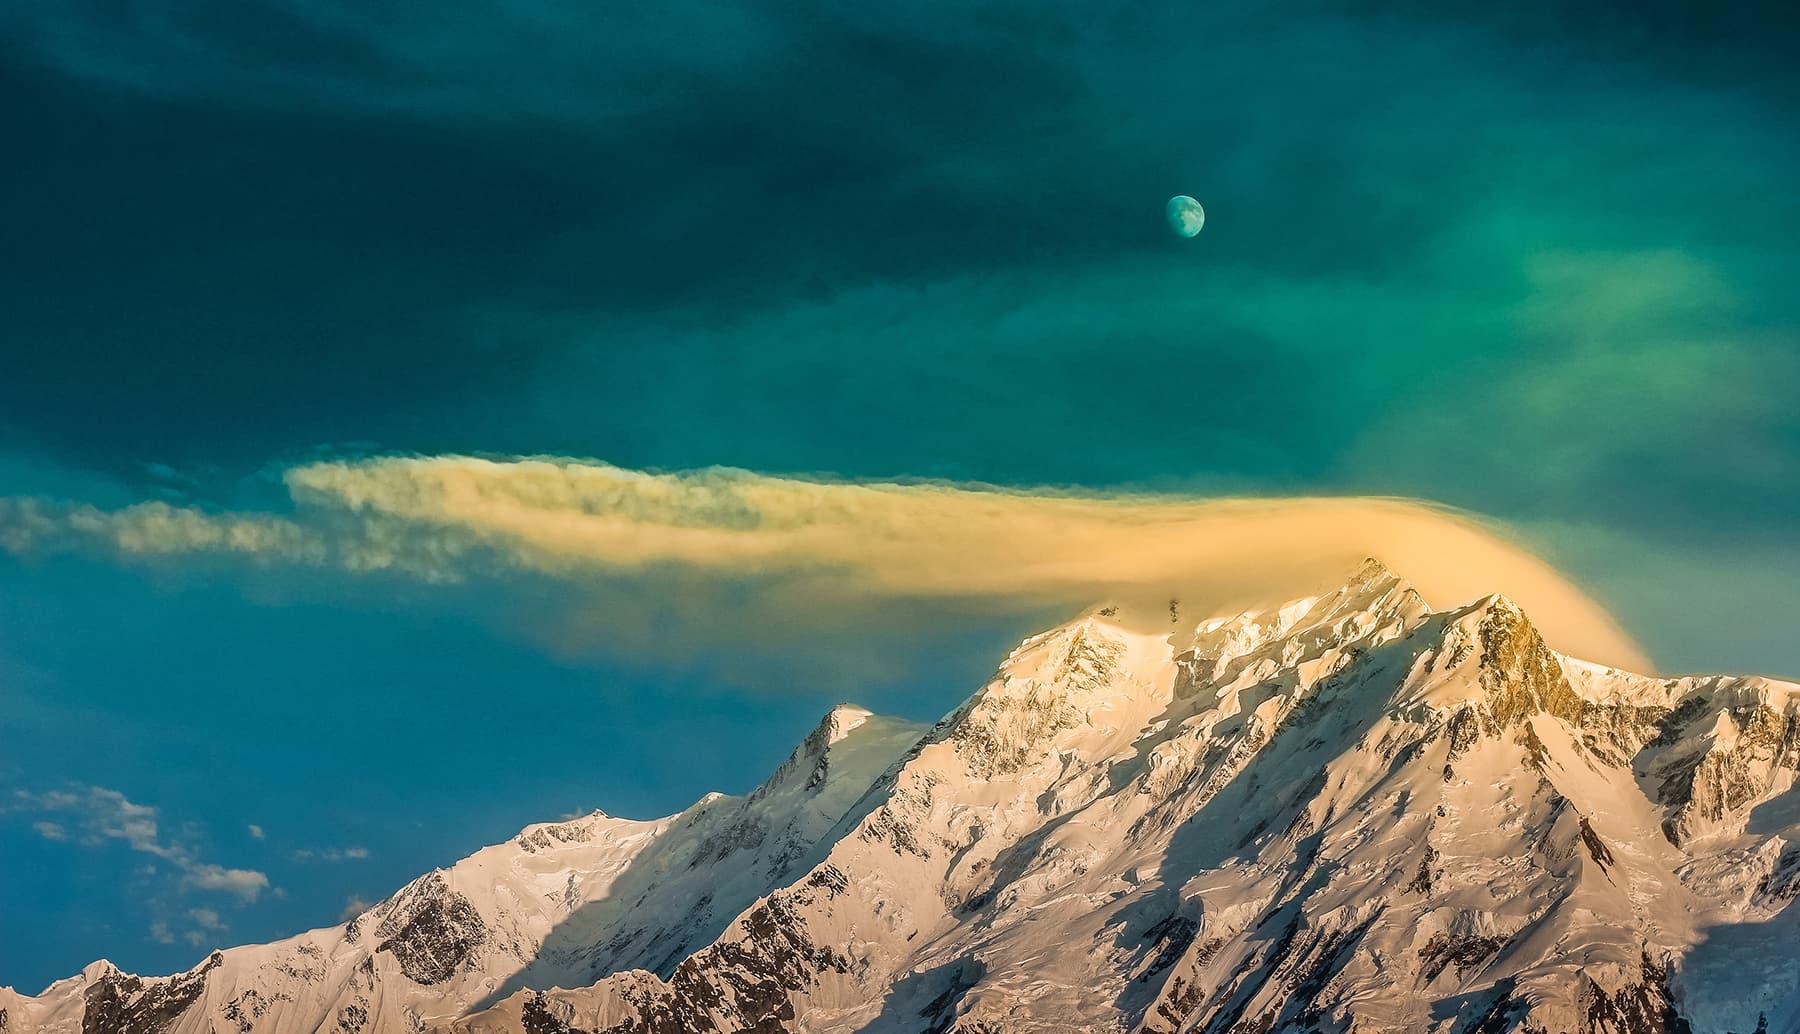 Rakaposhi Peak - Photo Credits - Rizwan Karim